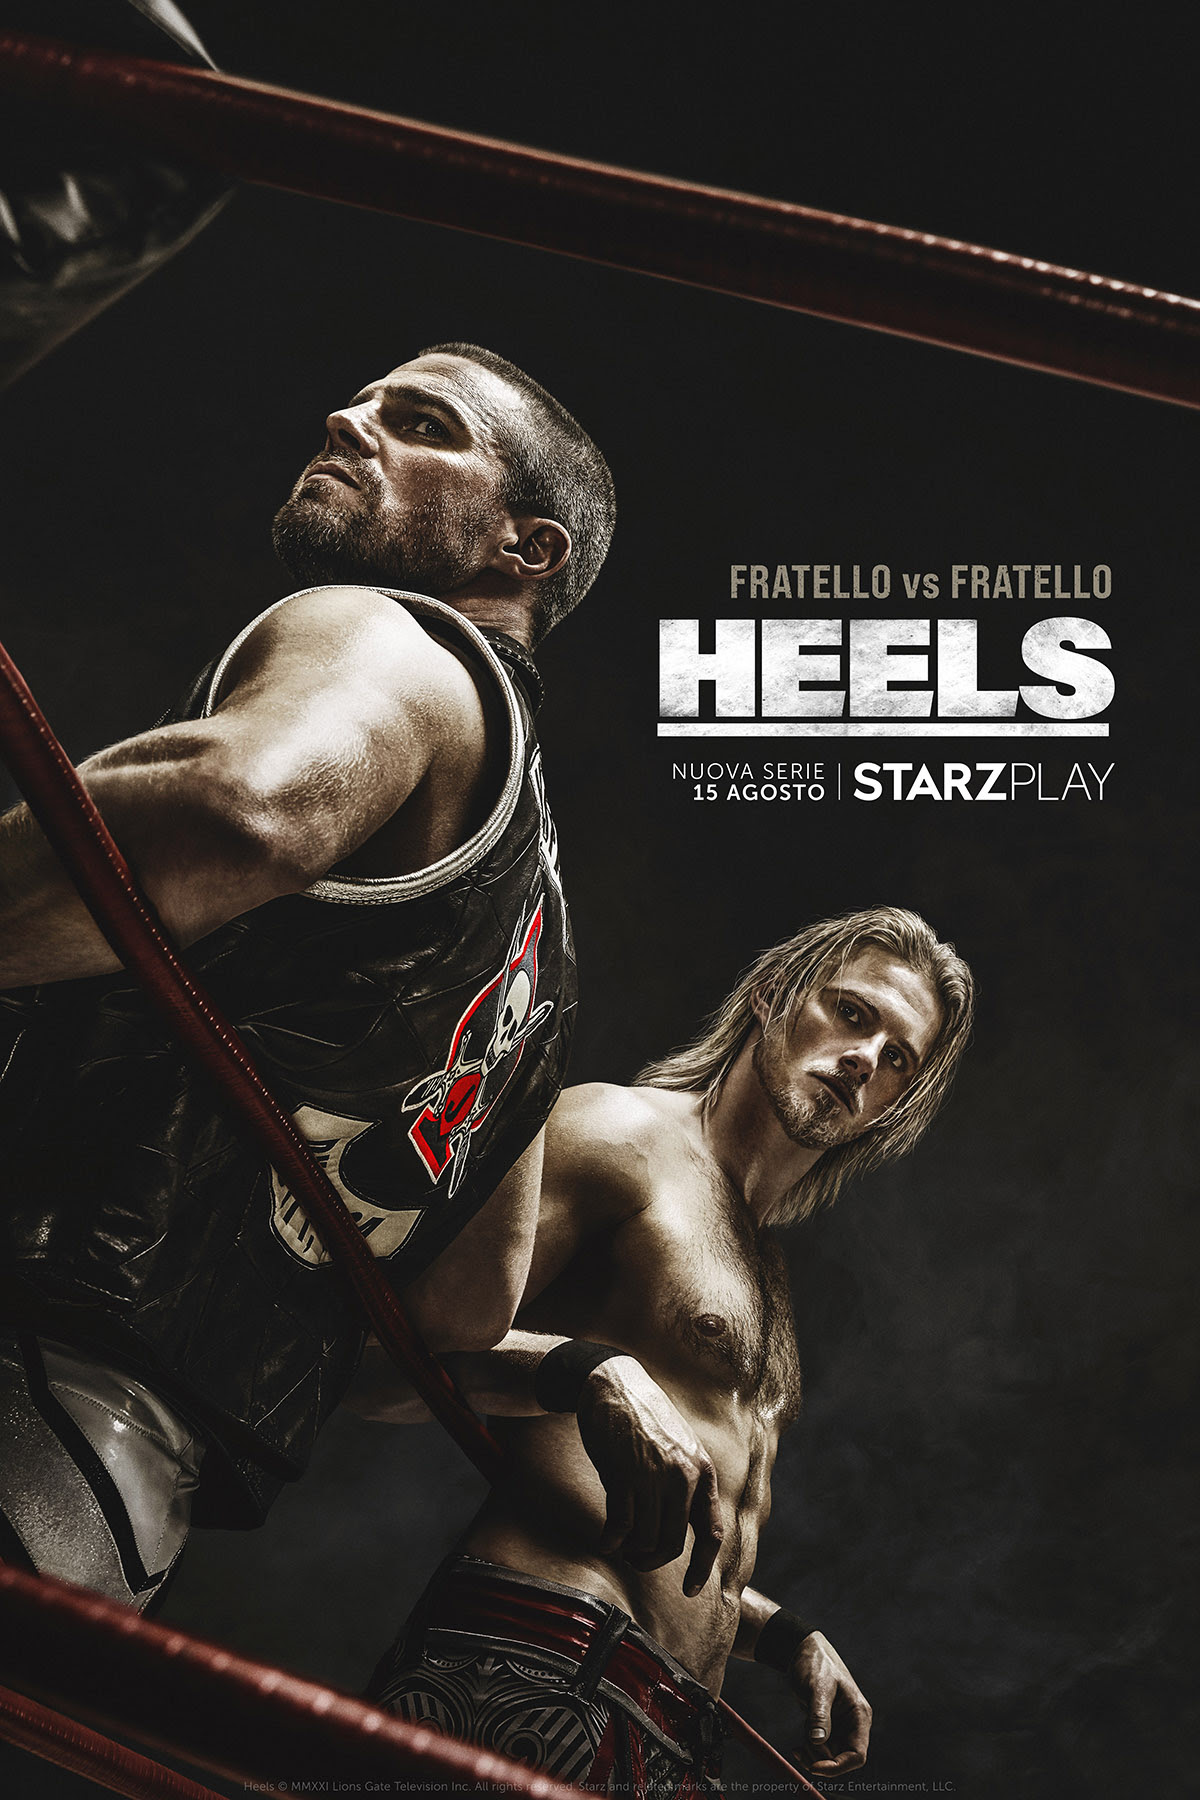 Heels, tutto sulla nuova serie Starz Original ambientata nel mondo del wrestling zerkalo spettacolo